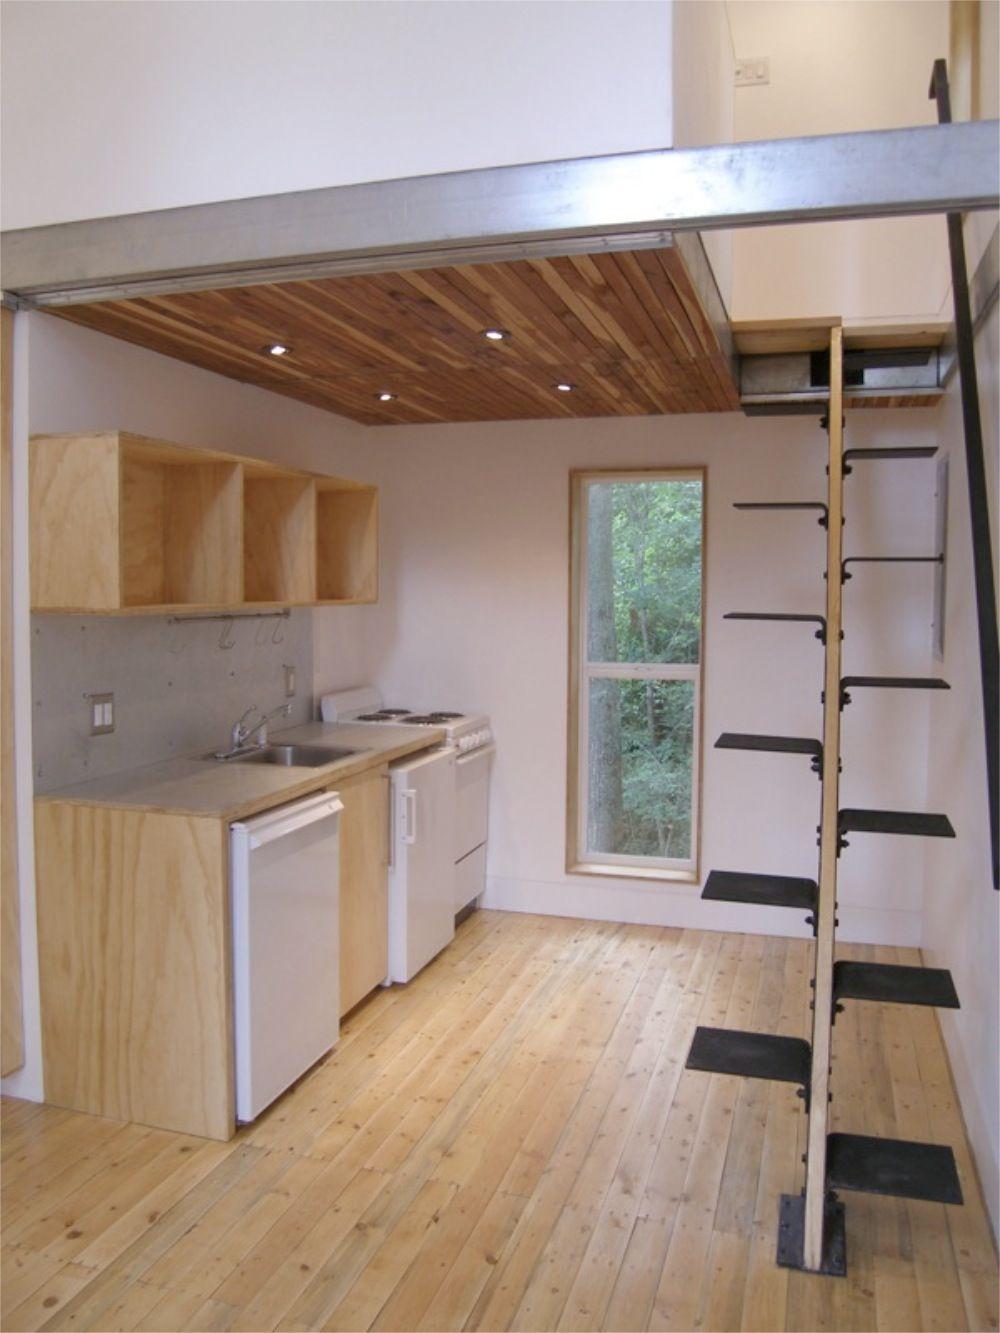 Gallery Of Loft House Ryan Stephenson Joey Fante Kait Caldwell Aimee O Carroll 1 Loft House Design Loft House Small House Plans